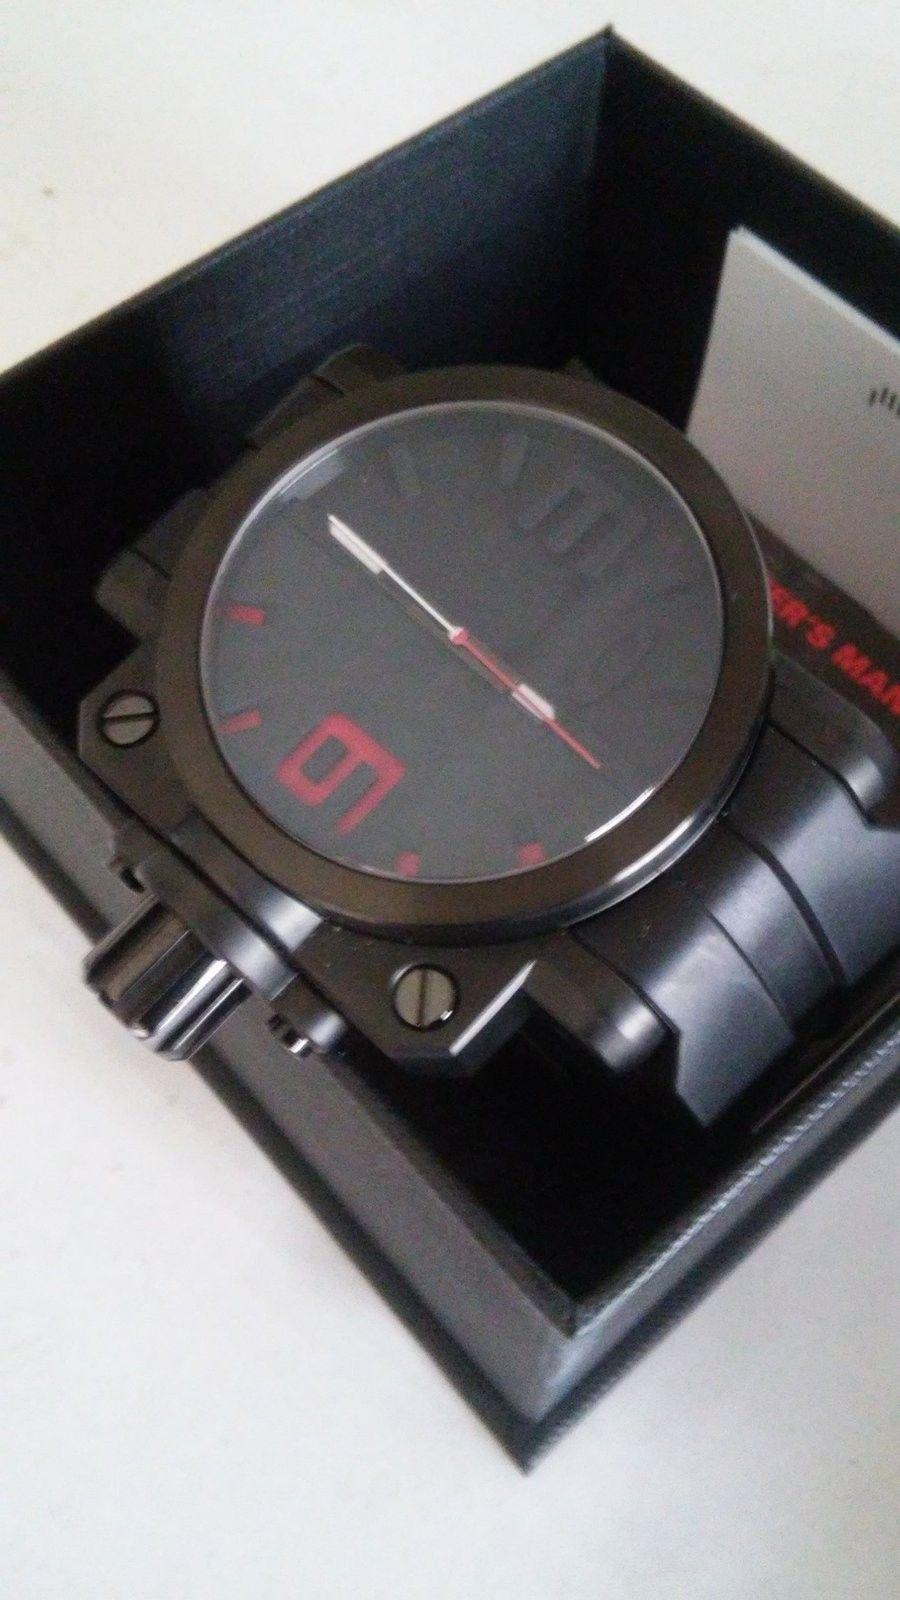 Stealth gearbox watch - 20150703_130113.jpg